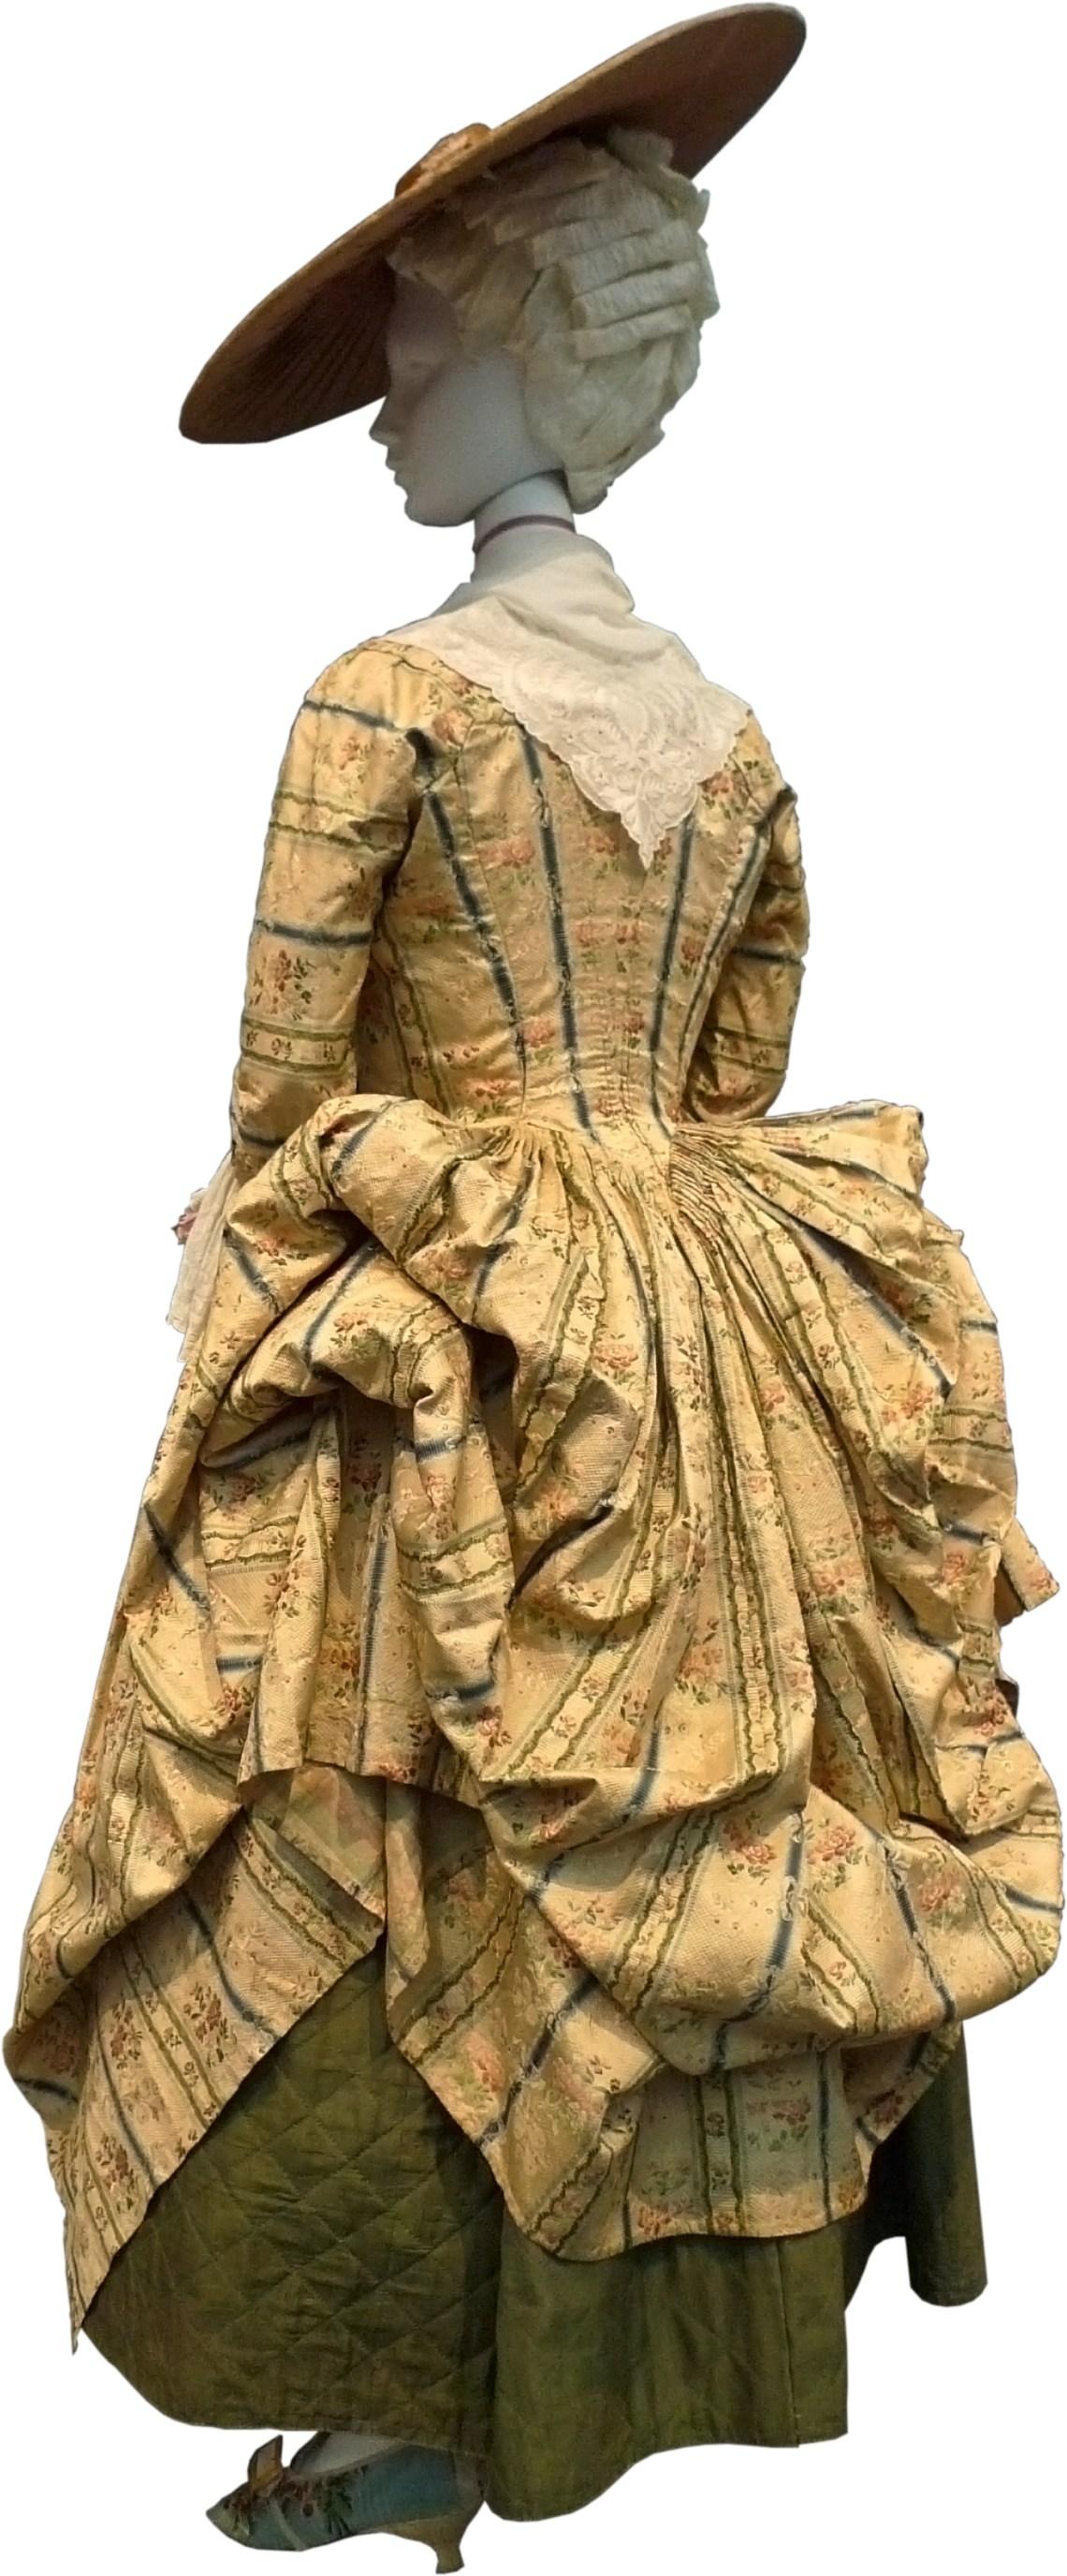 Robe a la Polonaise France 1775 599 Fashion